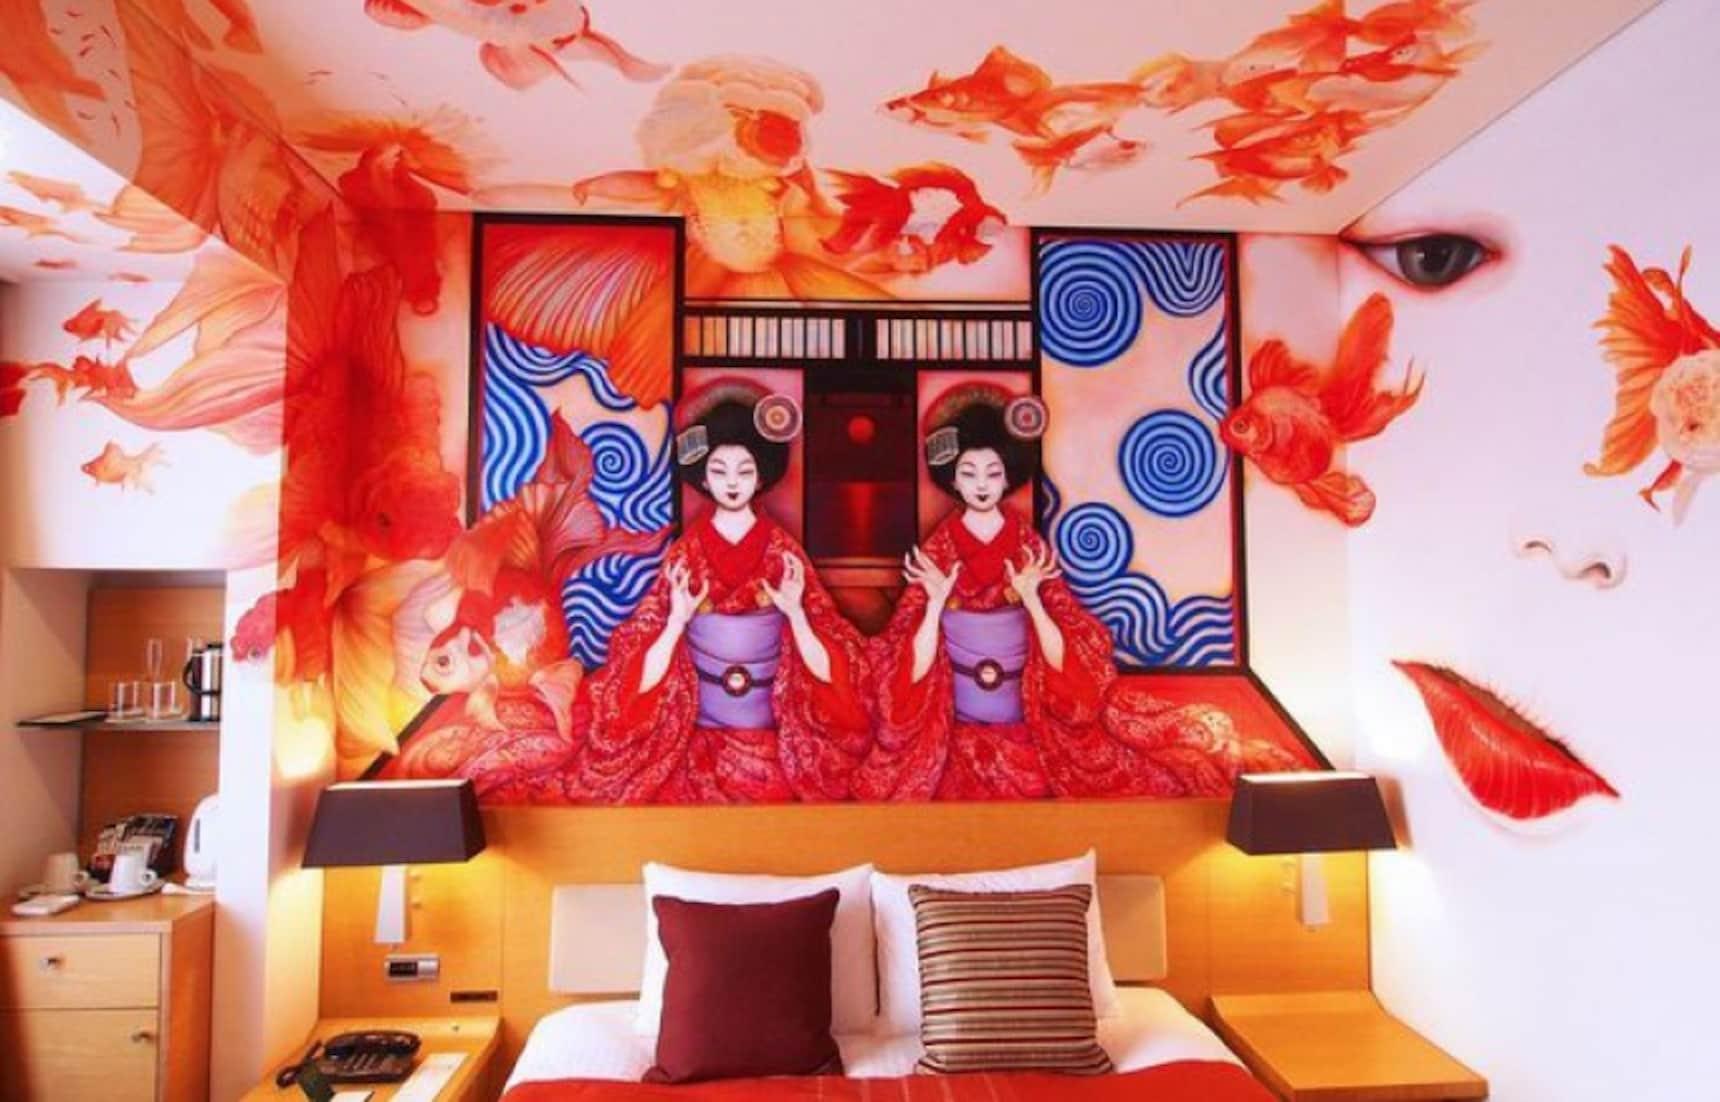 도쿄에서 가장 인기 있는 호텔 5